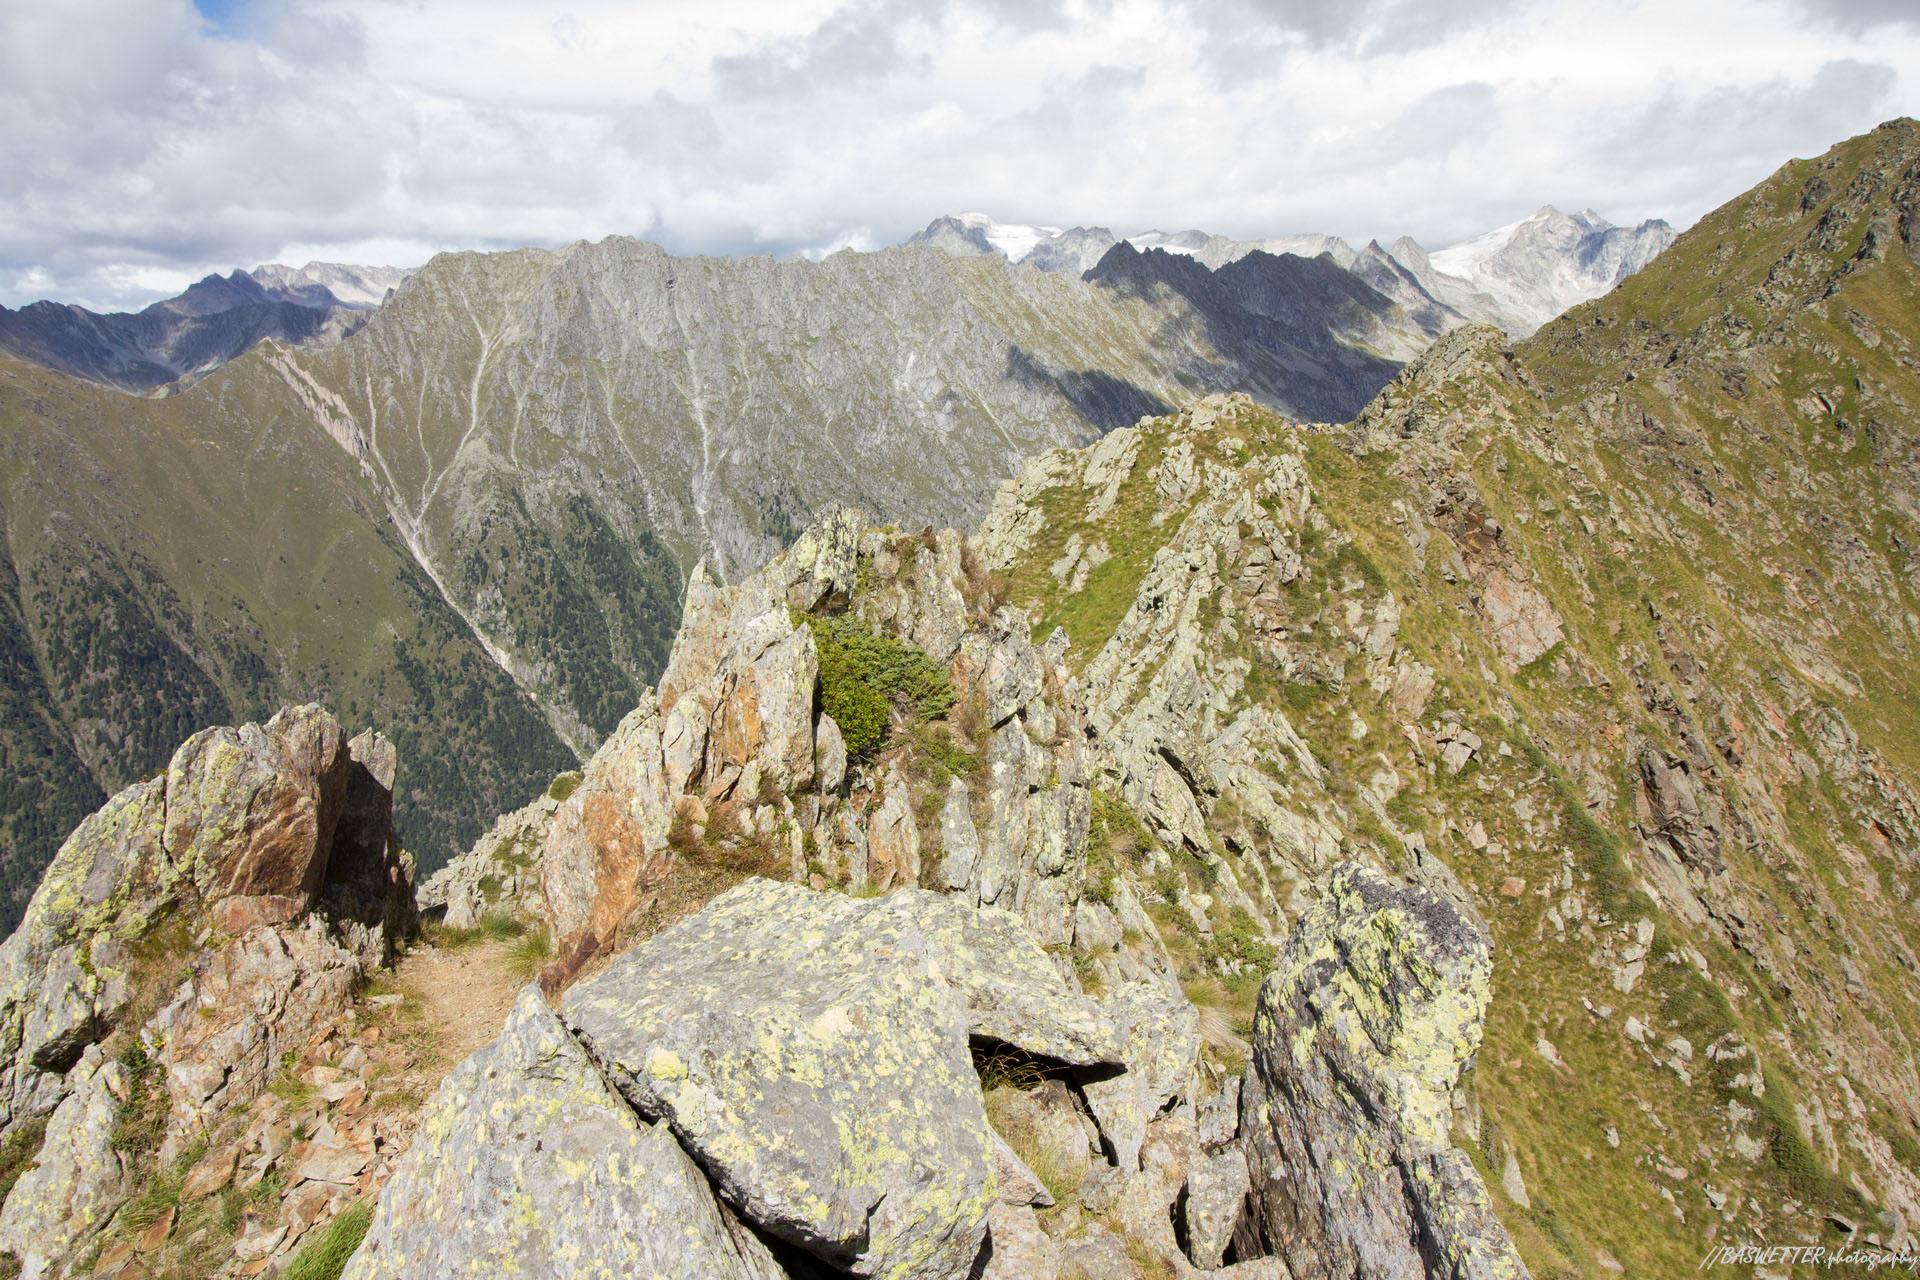 Kam wandeling met op de achtergrond de gletsjers van de Adamello